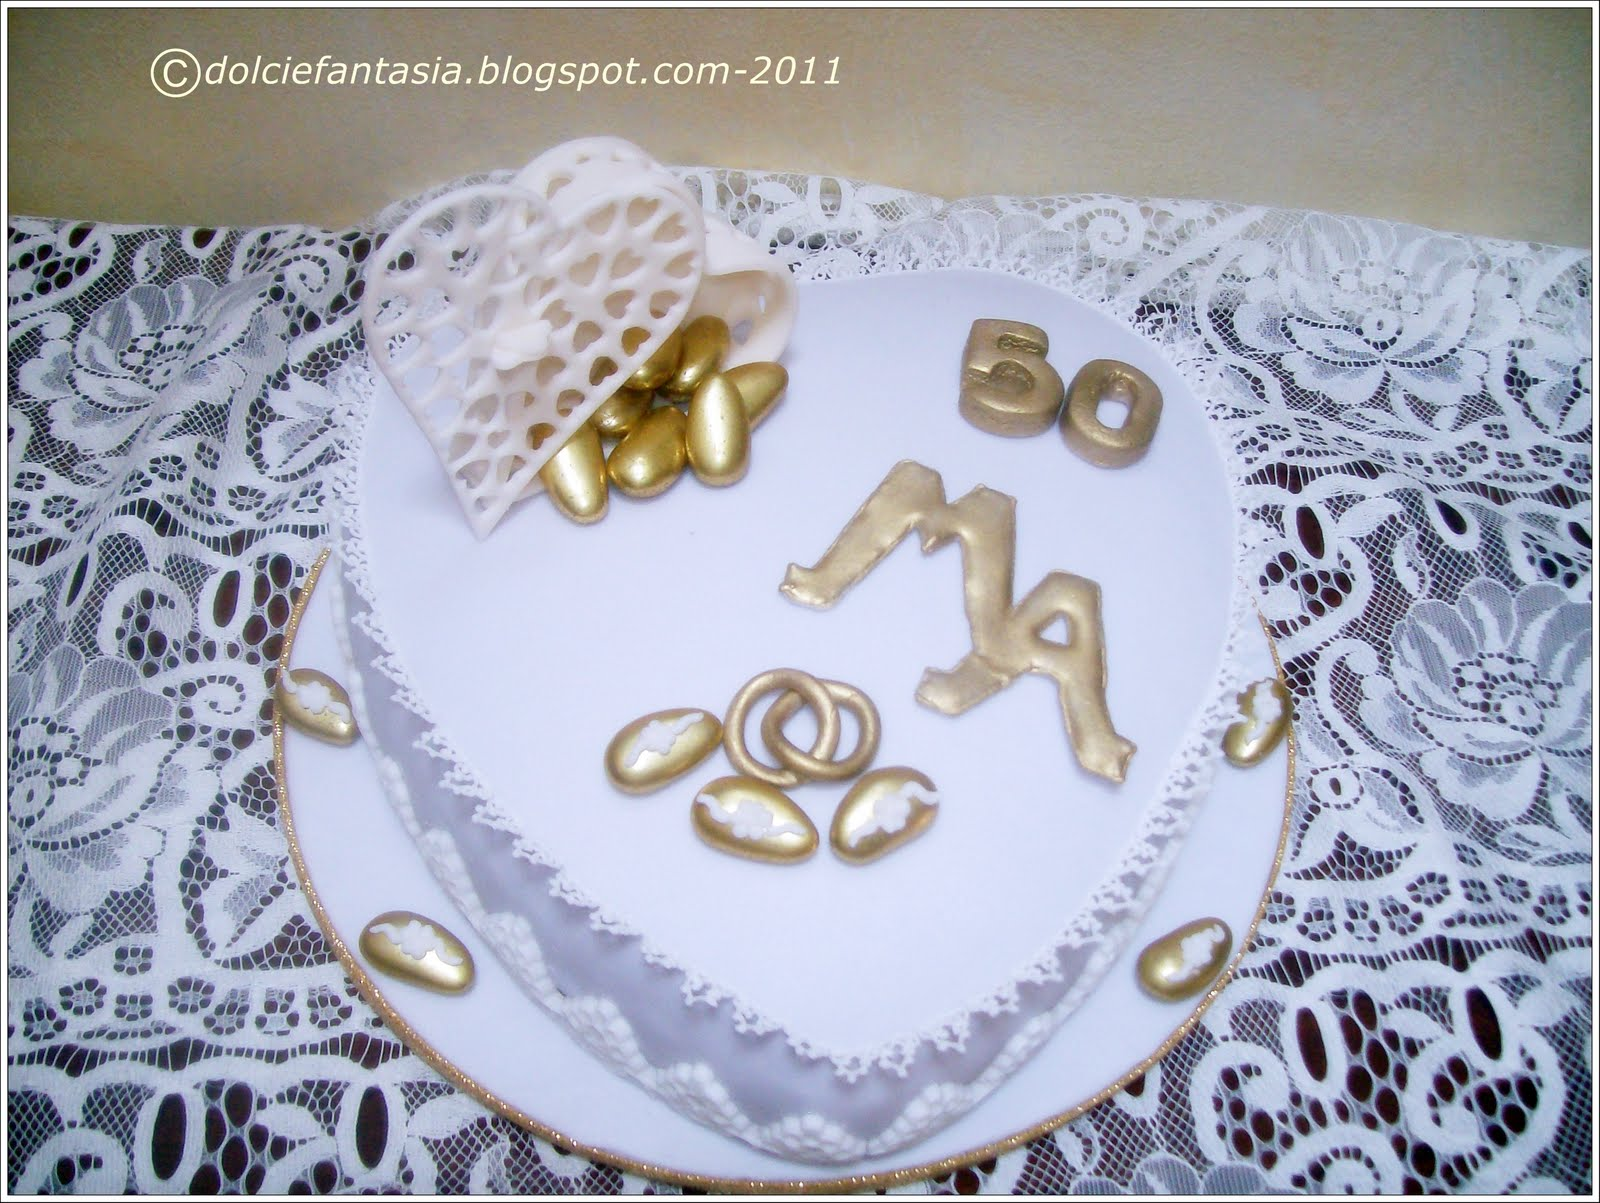 Auguri Matrimonio Genitori : Dolci e fantasia torta anniversario nozze d oro